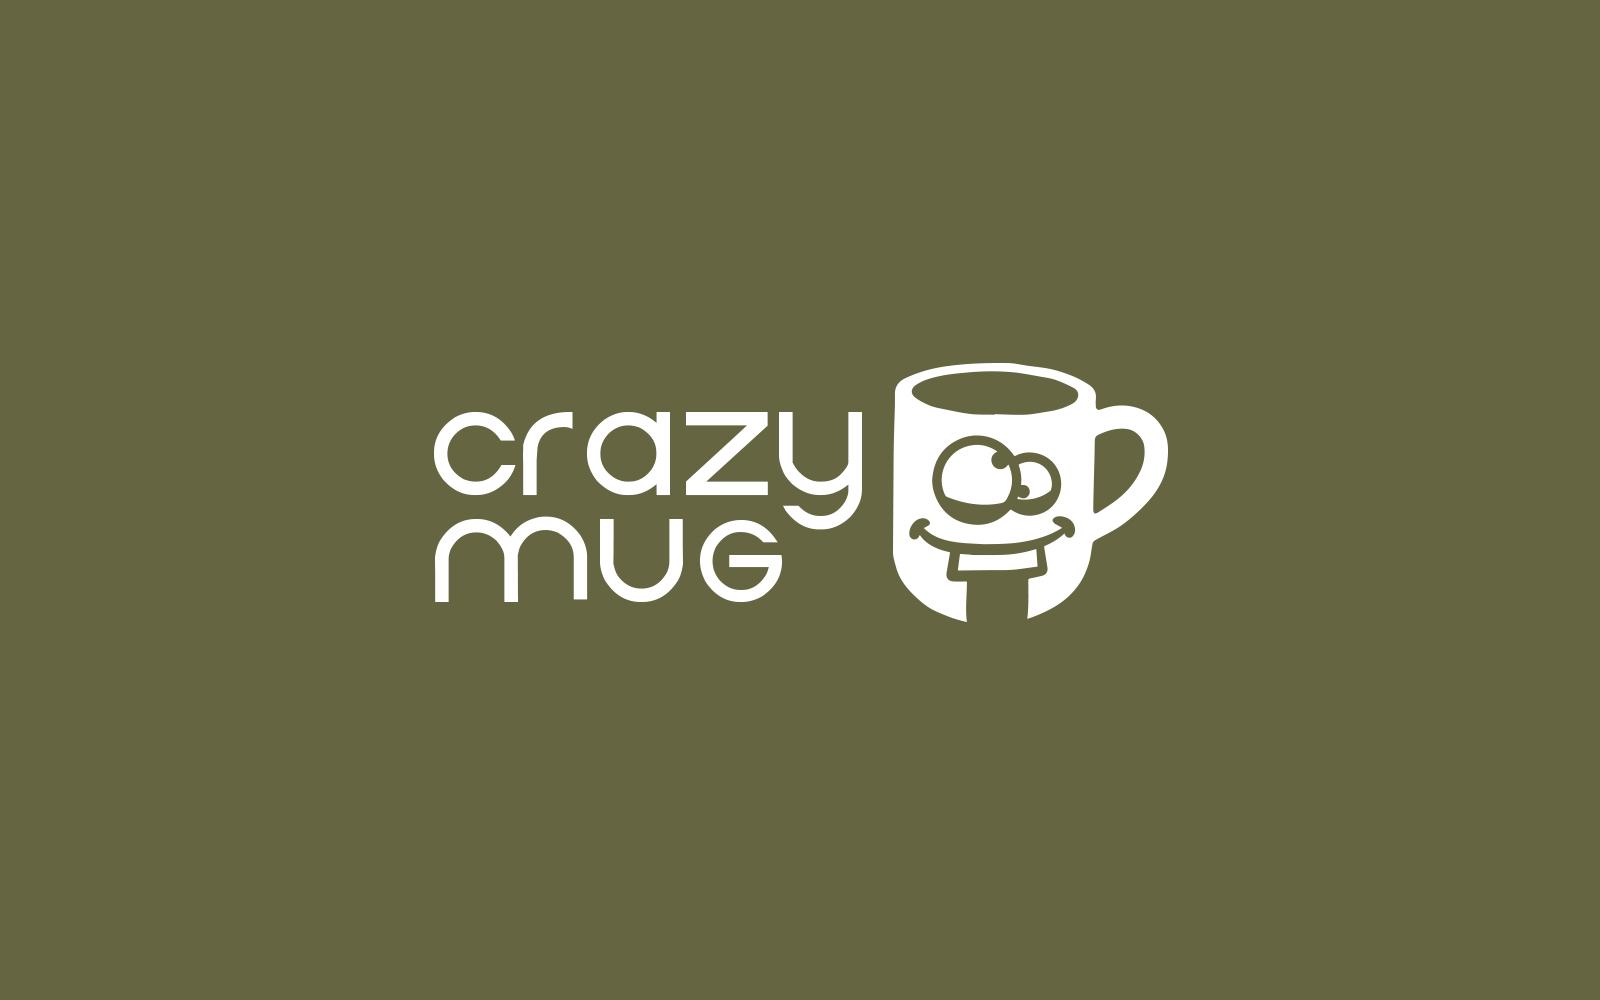 Crazy Mug Template de Logotipo №158777